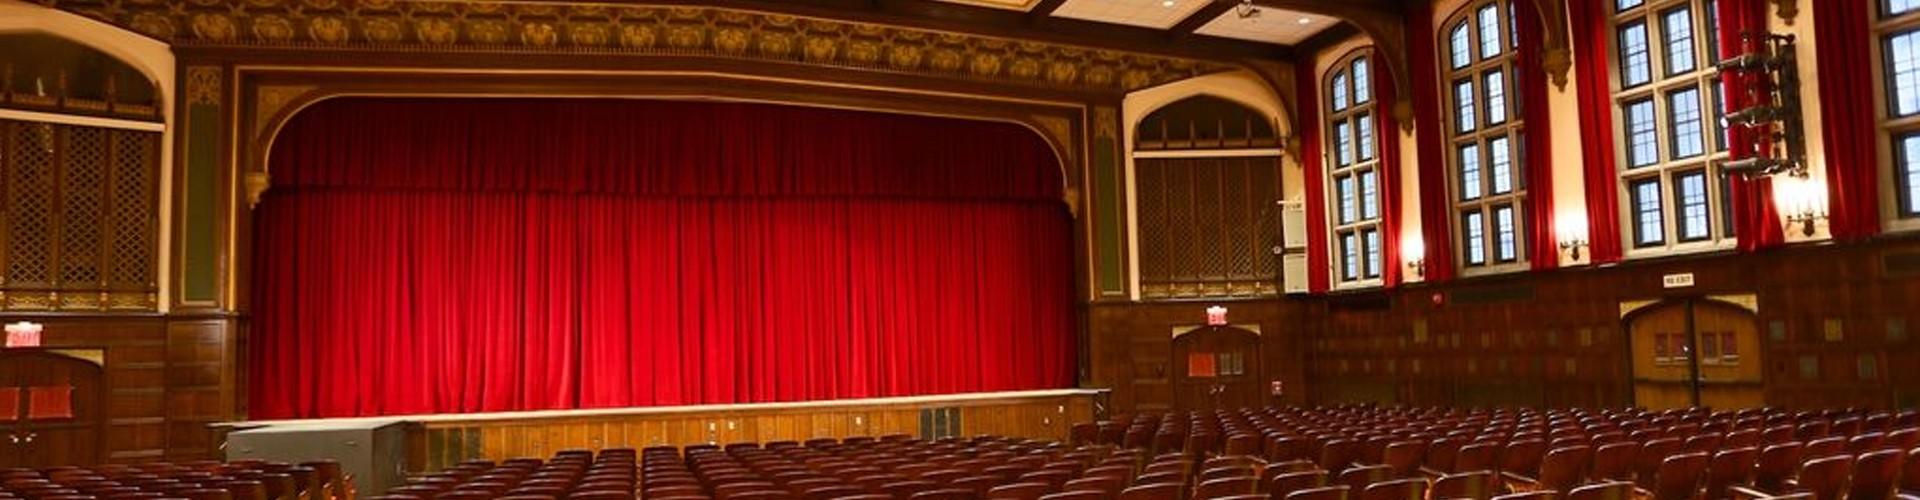 Achieve-Auditorium